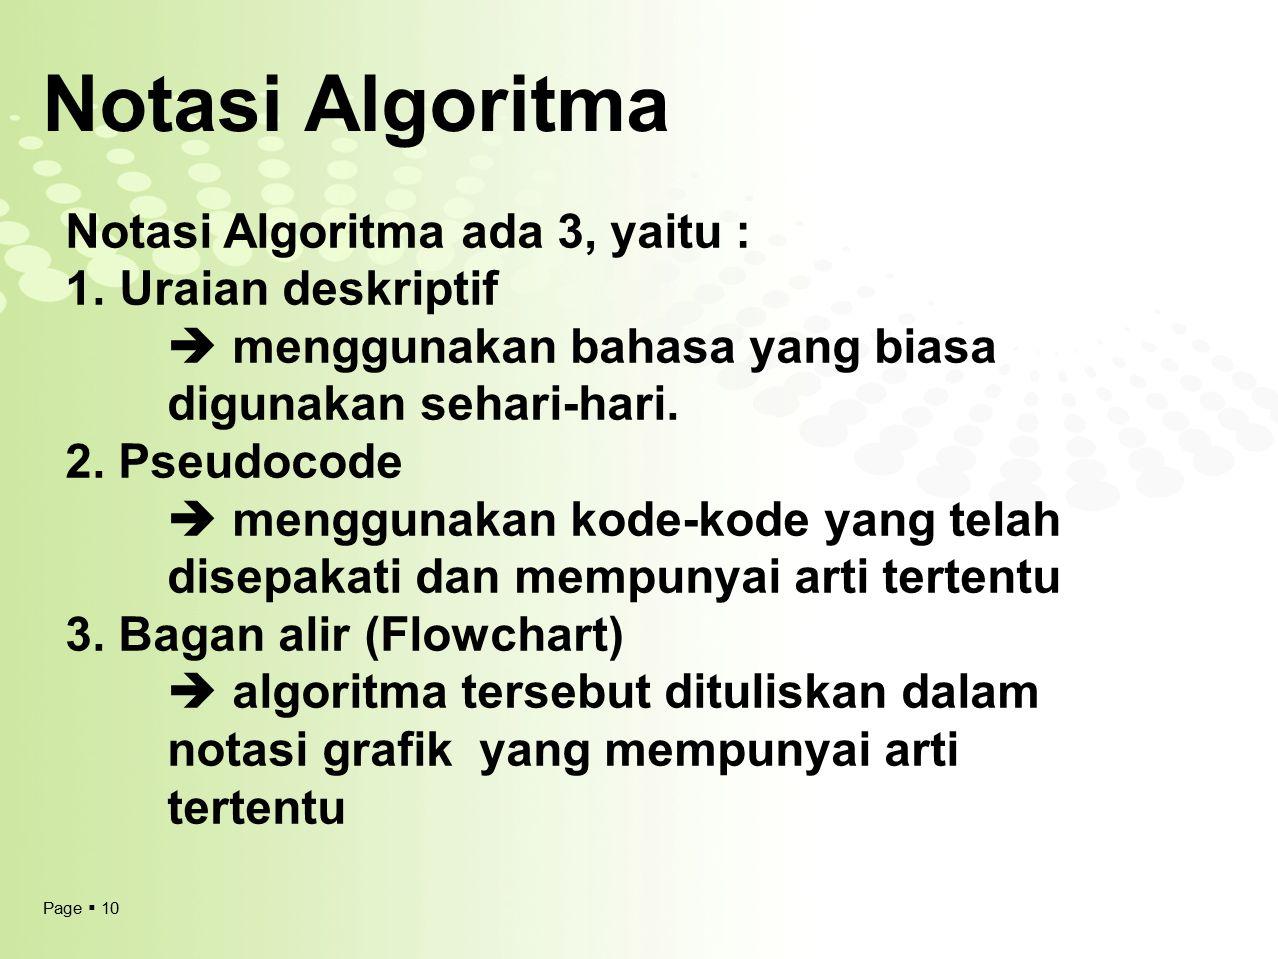 Notasi Algoritma Notasi Algoritma ada 3, yaitu : Uraian deskriptif